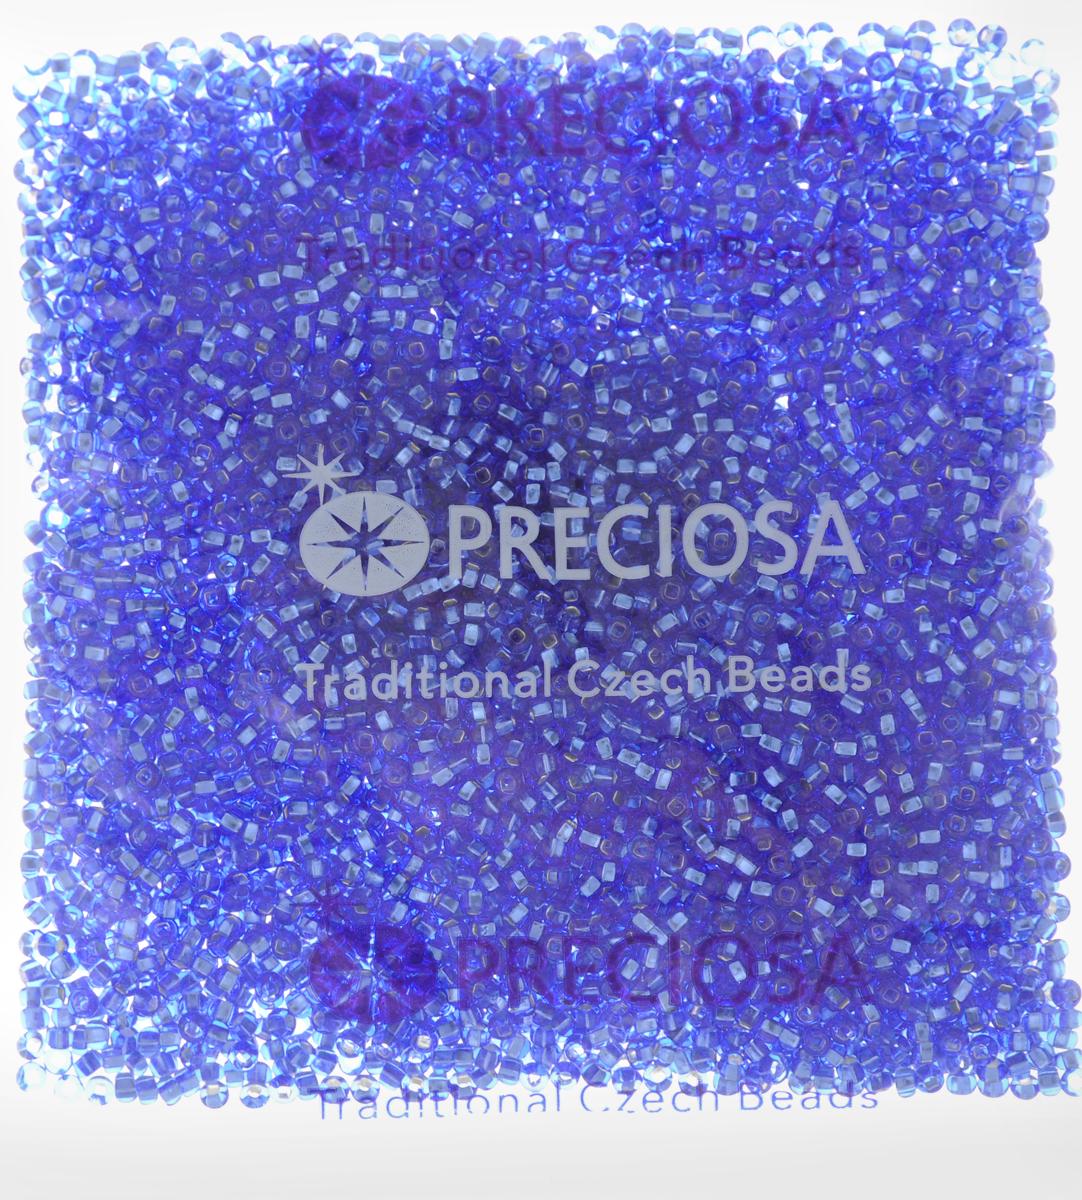 Бисер Preciosa Ассорти, с серебристой серединой, цвет: джинсовый (21), 10/0, 50 г163142_21_джинсовыйБисер Preciosa Ассорти, изготовленный из прозрачного стекла круглой формы с серебристой серединой, позволит вам своими руками создать оригинальные ожерелья, бусы или браслеты, а также заняться вышиванием. В бисероплетении часто используют бисер разных размеров и цветов. Он идеально подойдет для вышивания на предметах быта и женской одежде. Изготовление украшений - занимательное хобби и реализация творческих способностей рукодельницы, это возможность создания неповторимого индивидуального подарка.